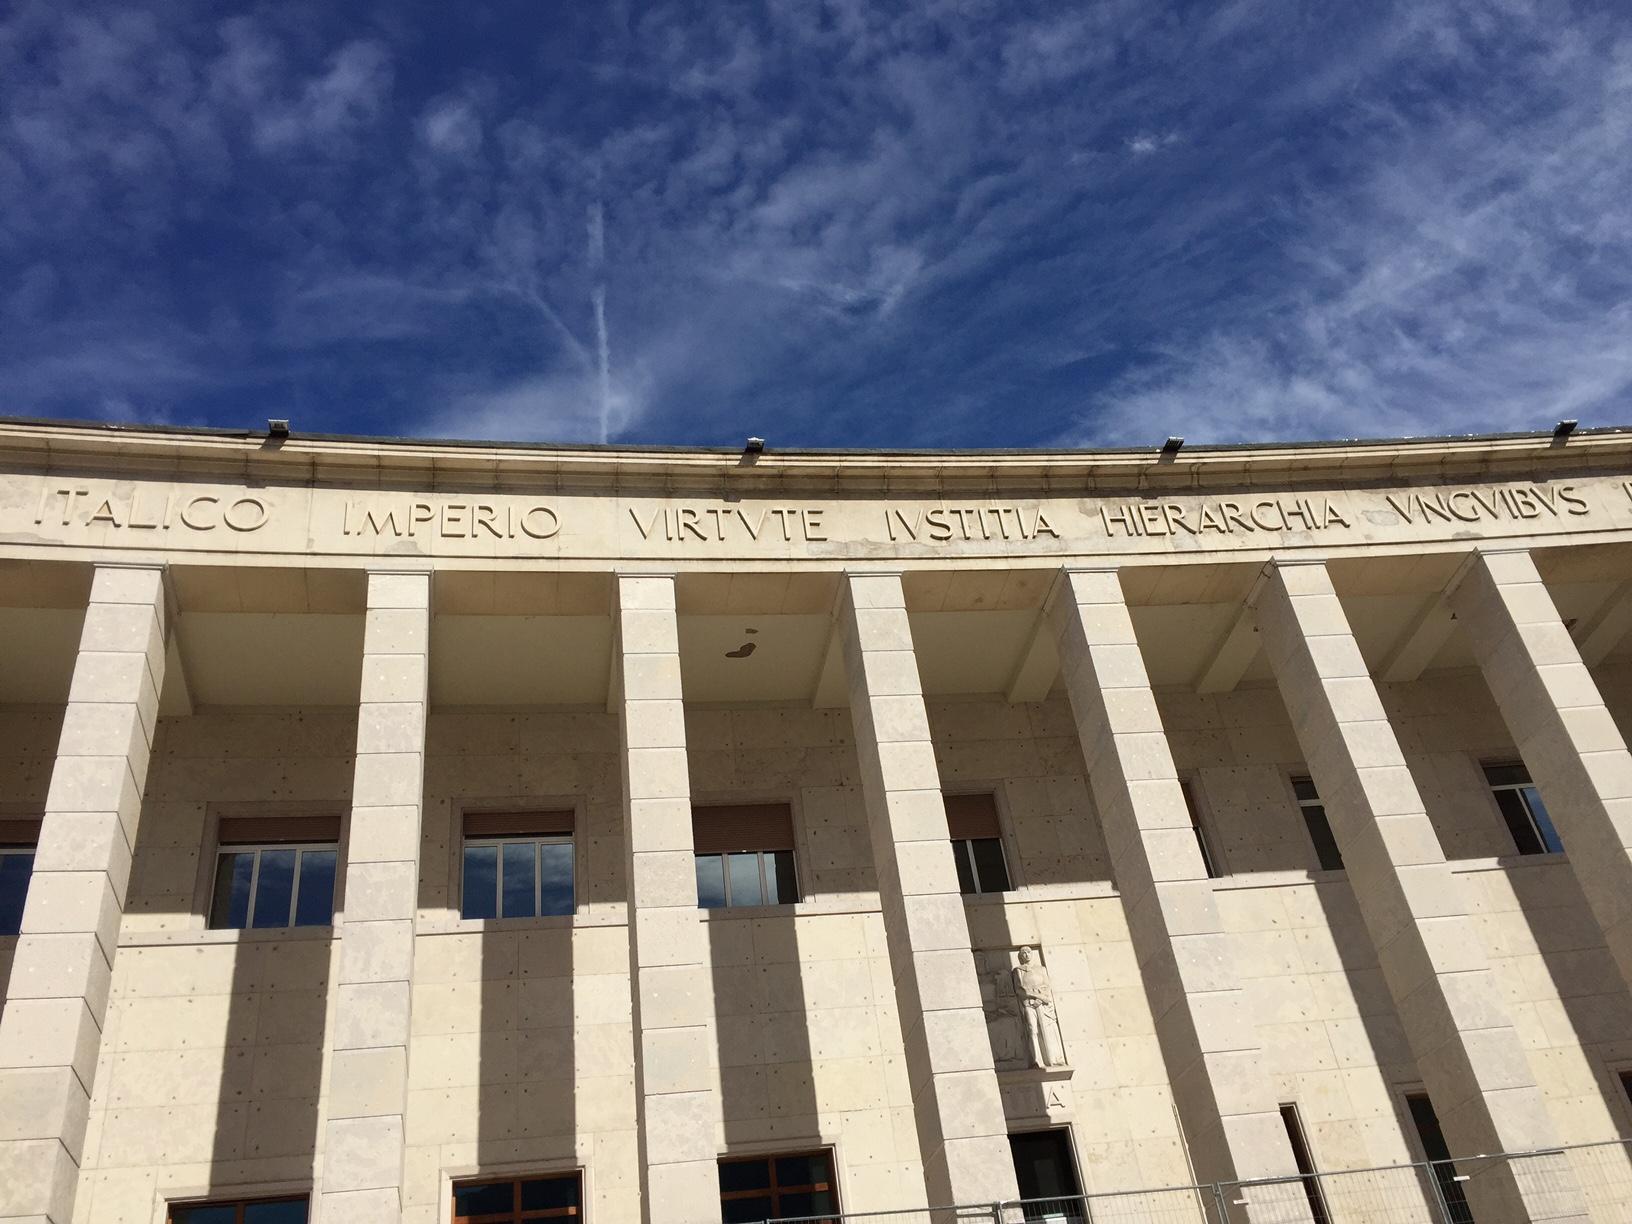 Diebstahl im Despar: Neun Ex-Mitarbeiter vor Gericht